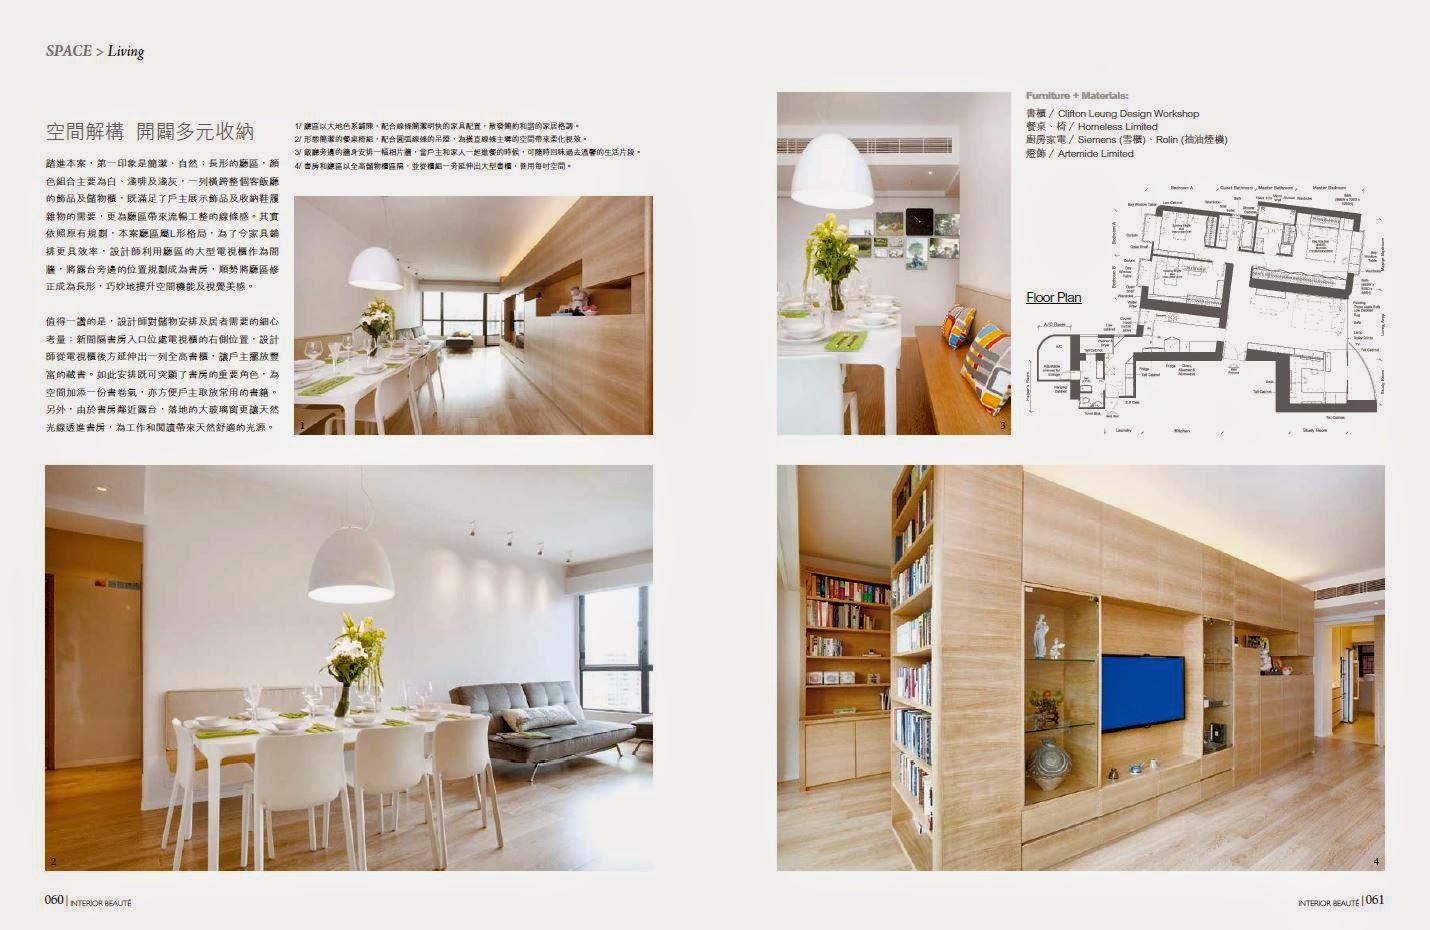 Hong Kong Interior Design Tips & Ideas | Clifton Leung: The ...